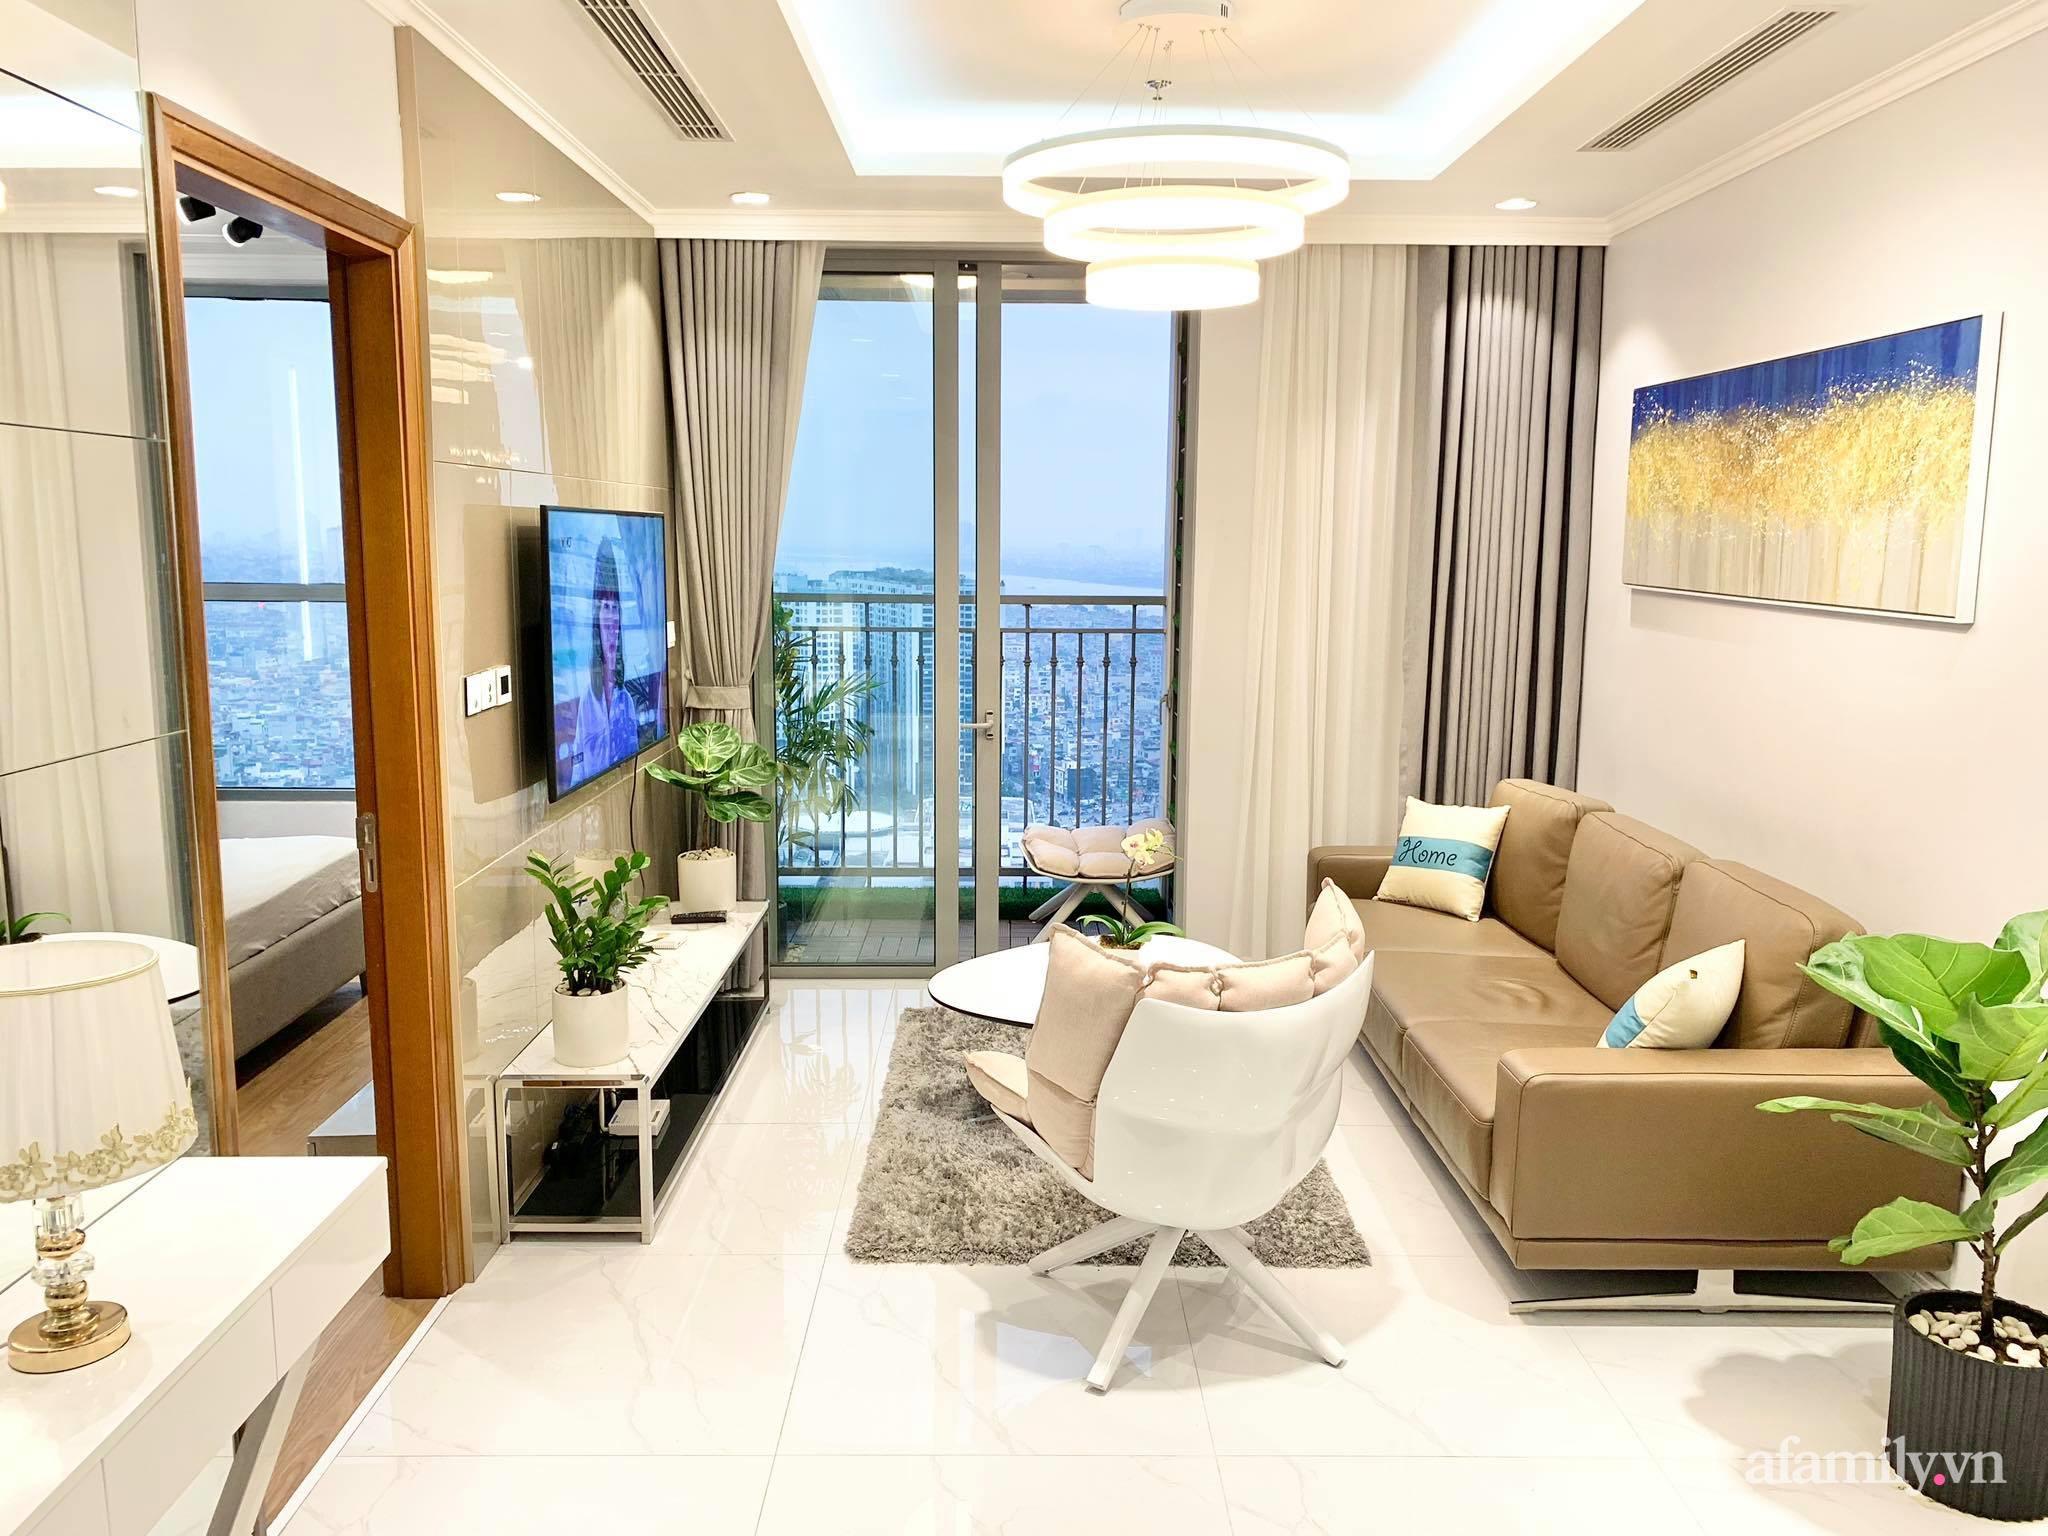 Căn hộ 79m² view trọn Hà Nội được chàng trai độc thân tự tay chọn đồ với chi phí 330 triệu đồng - Ảnh 6.